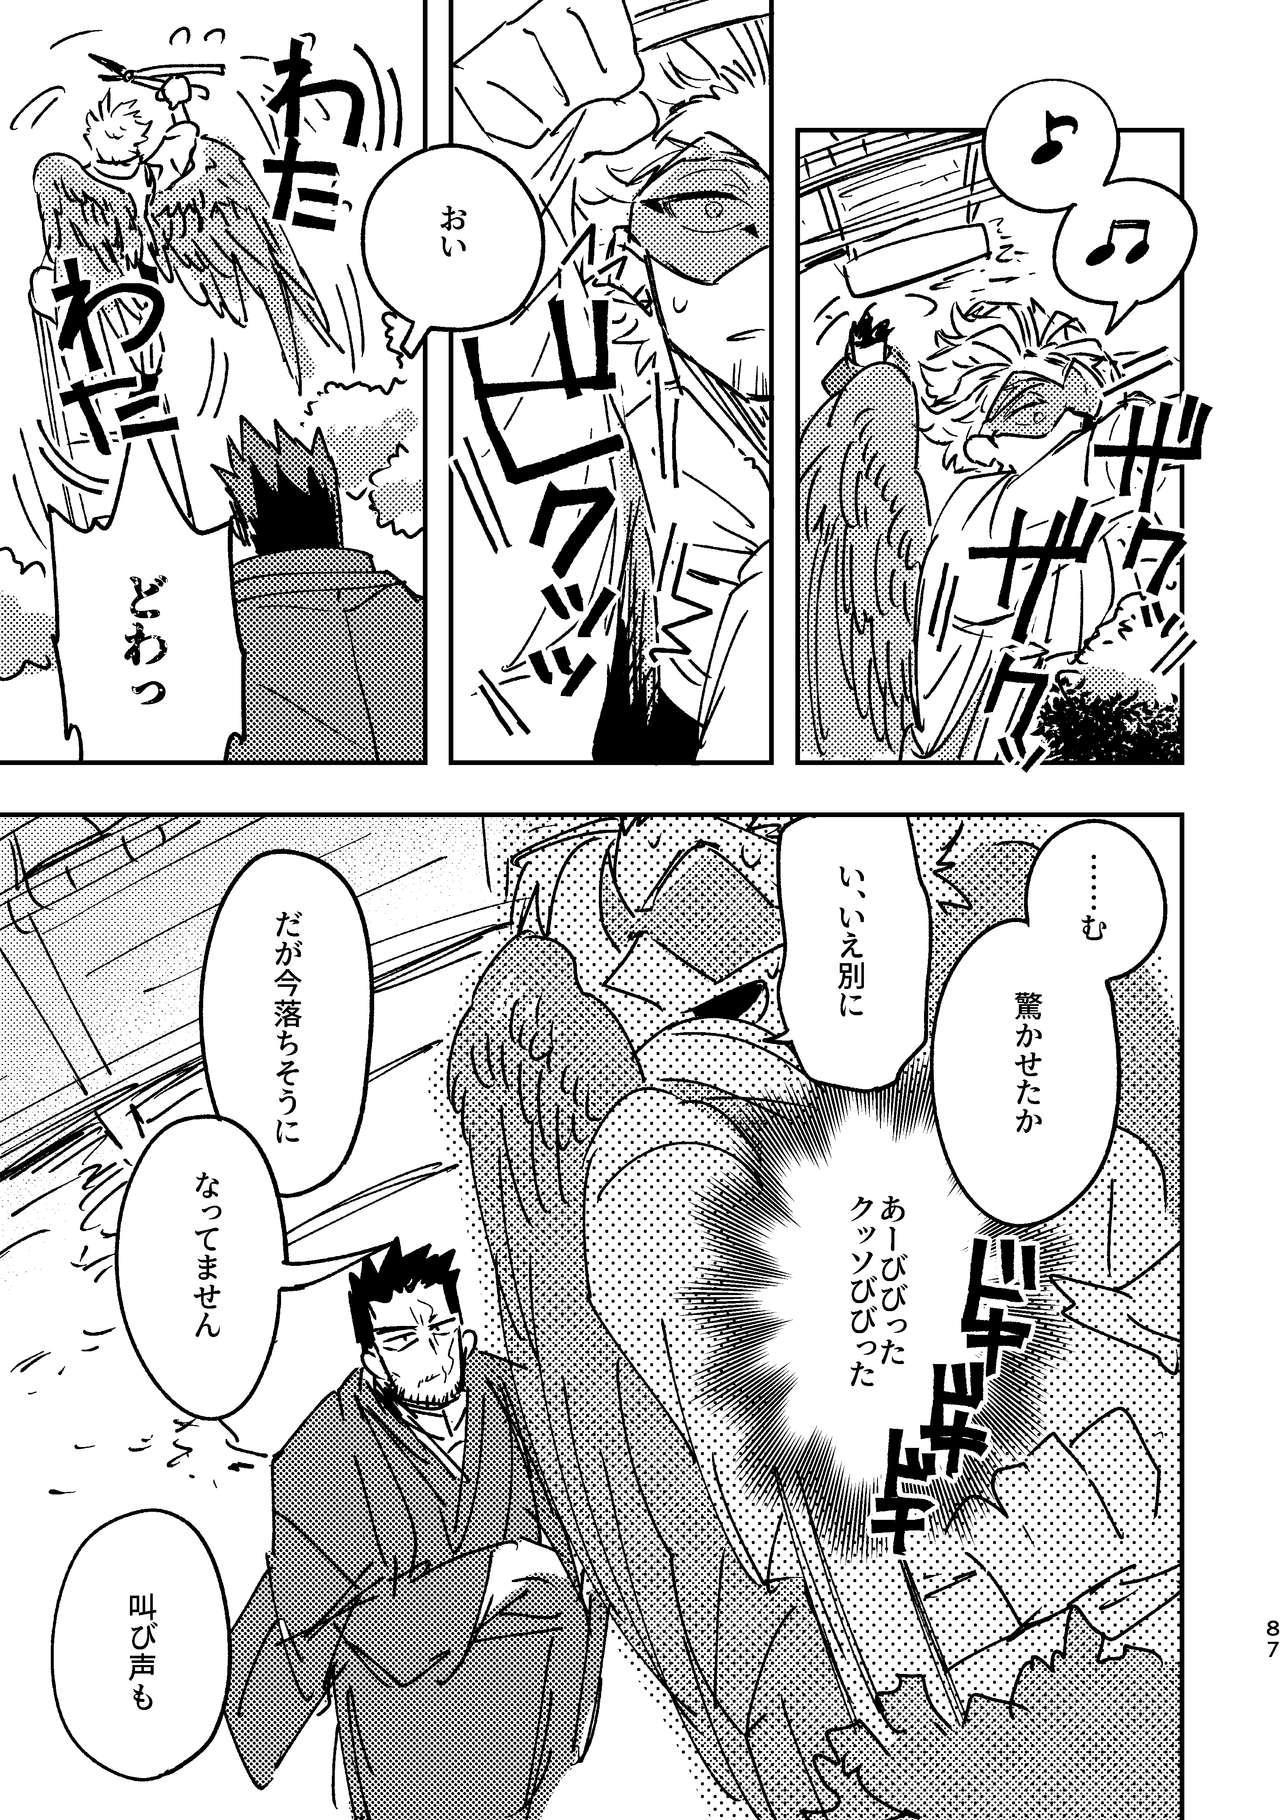 WEB Sairoku Zumi HawEn Manga ga Kami demo Yomeru Hon. 86